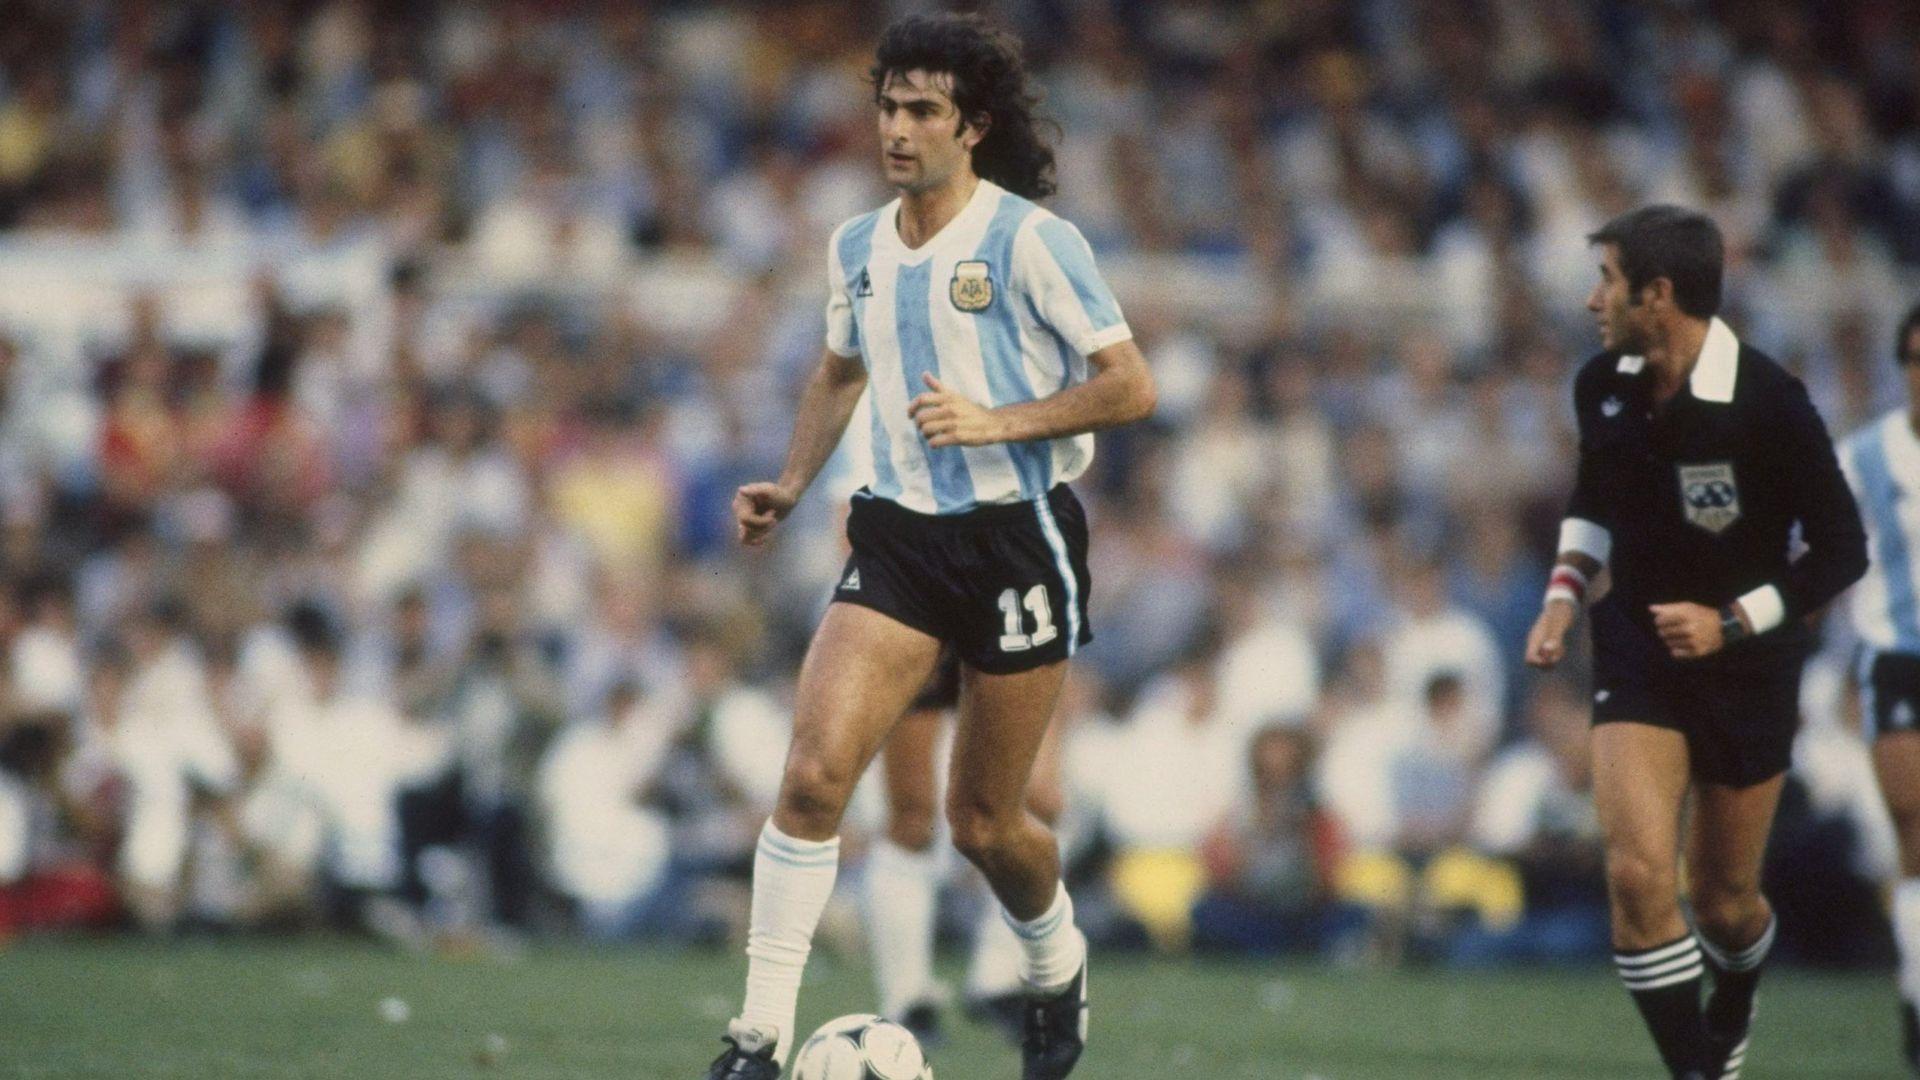 Големият Марио Кемпес:  Футболът днес си е същият, променят се неща около него